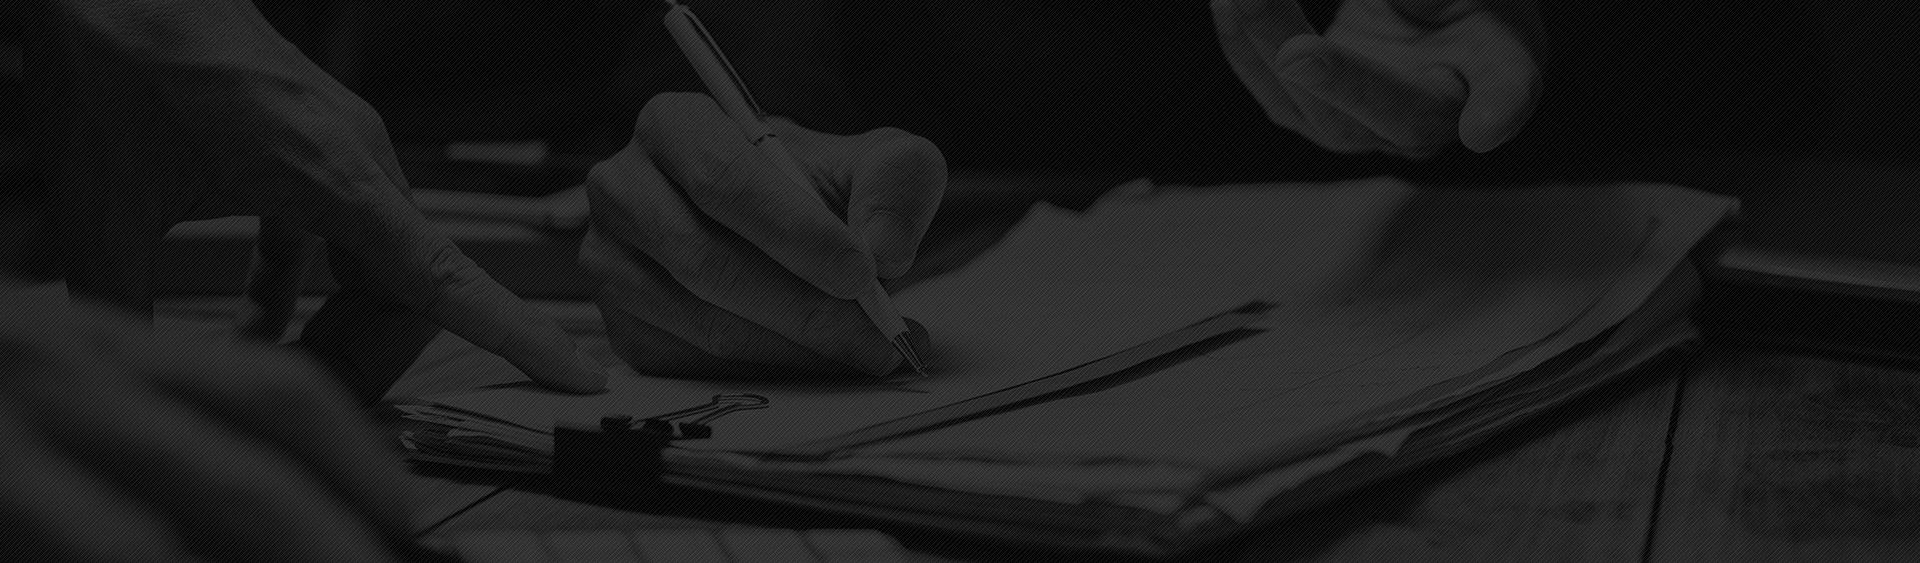 consultanta regulament protectia datelor